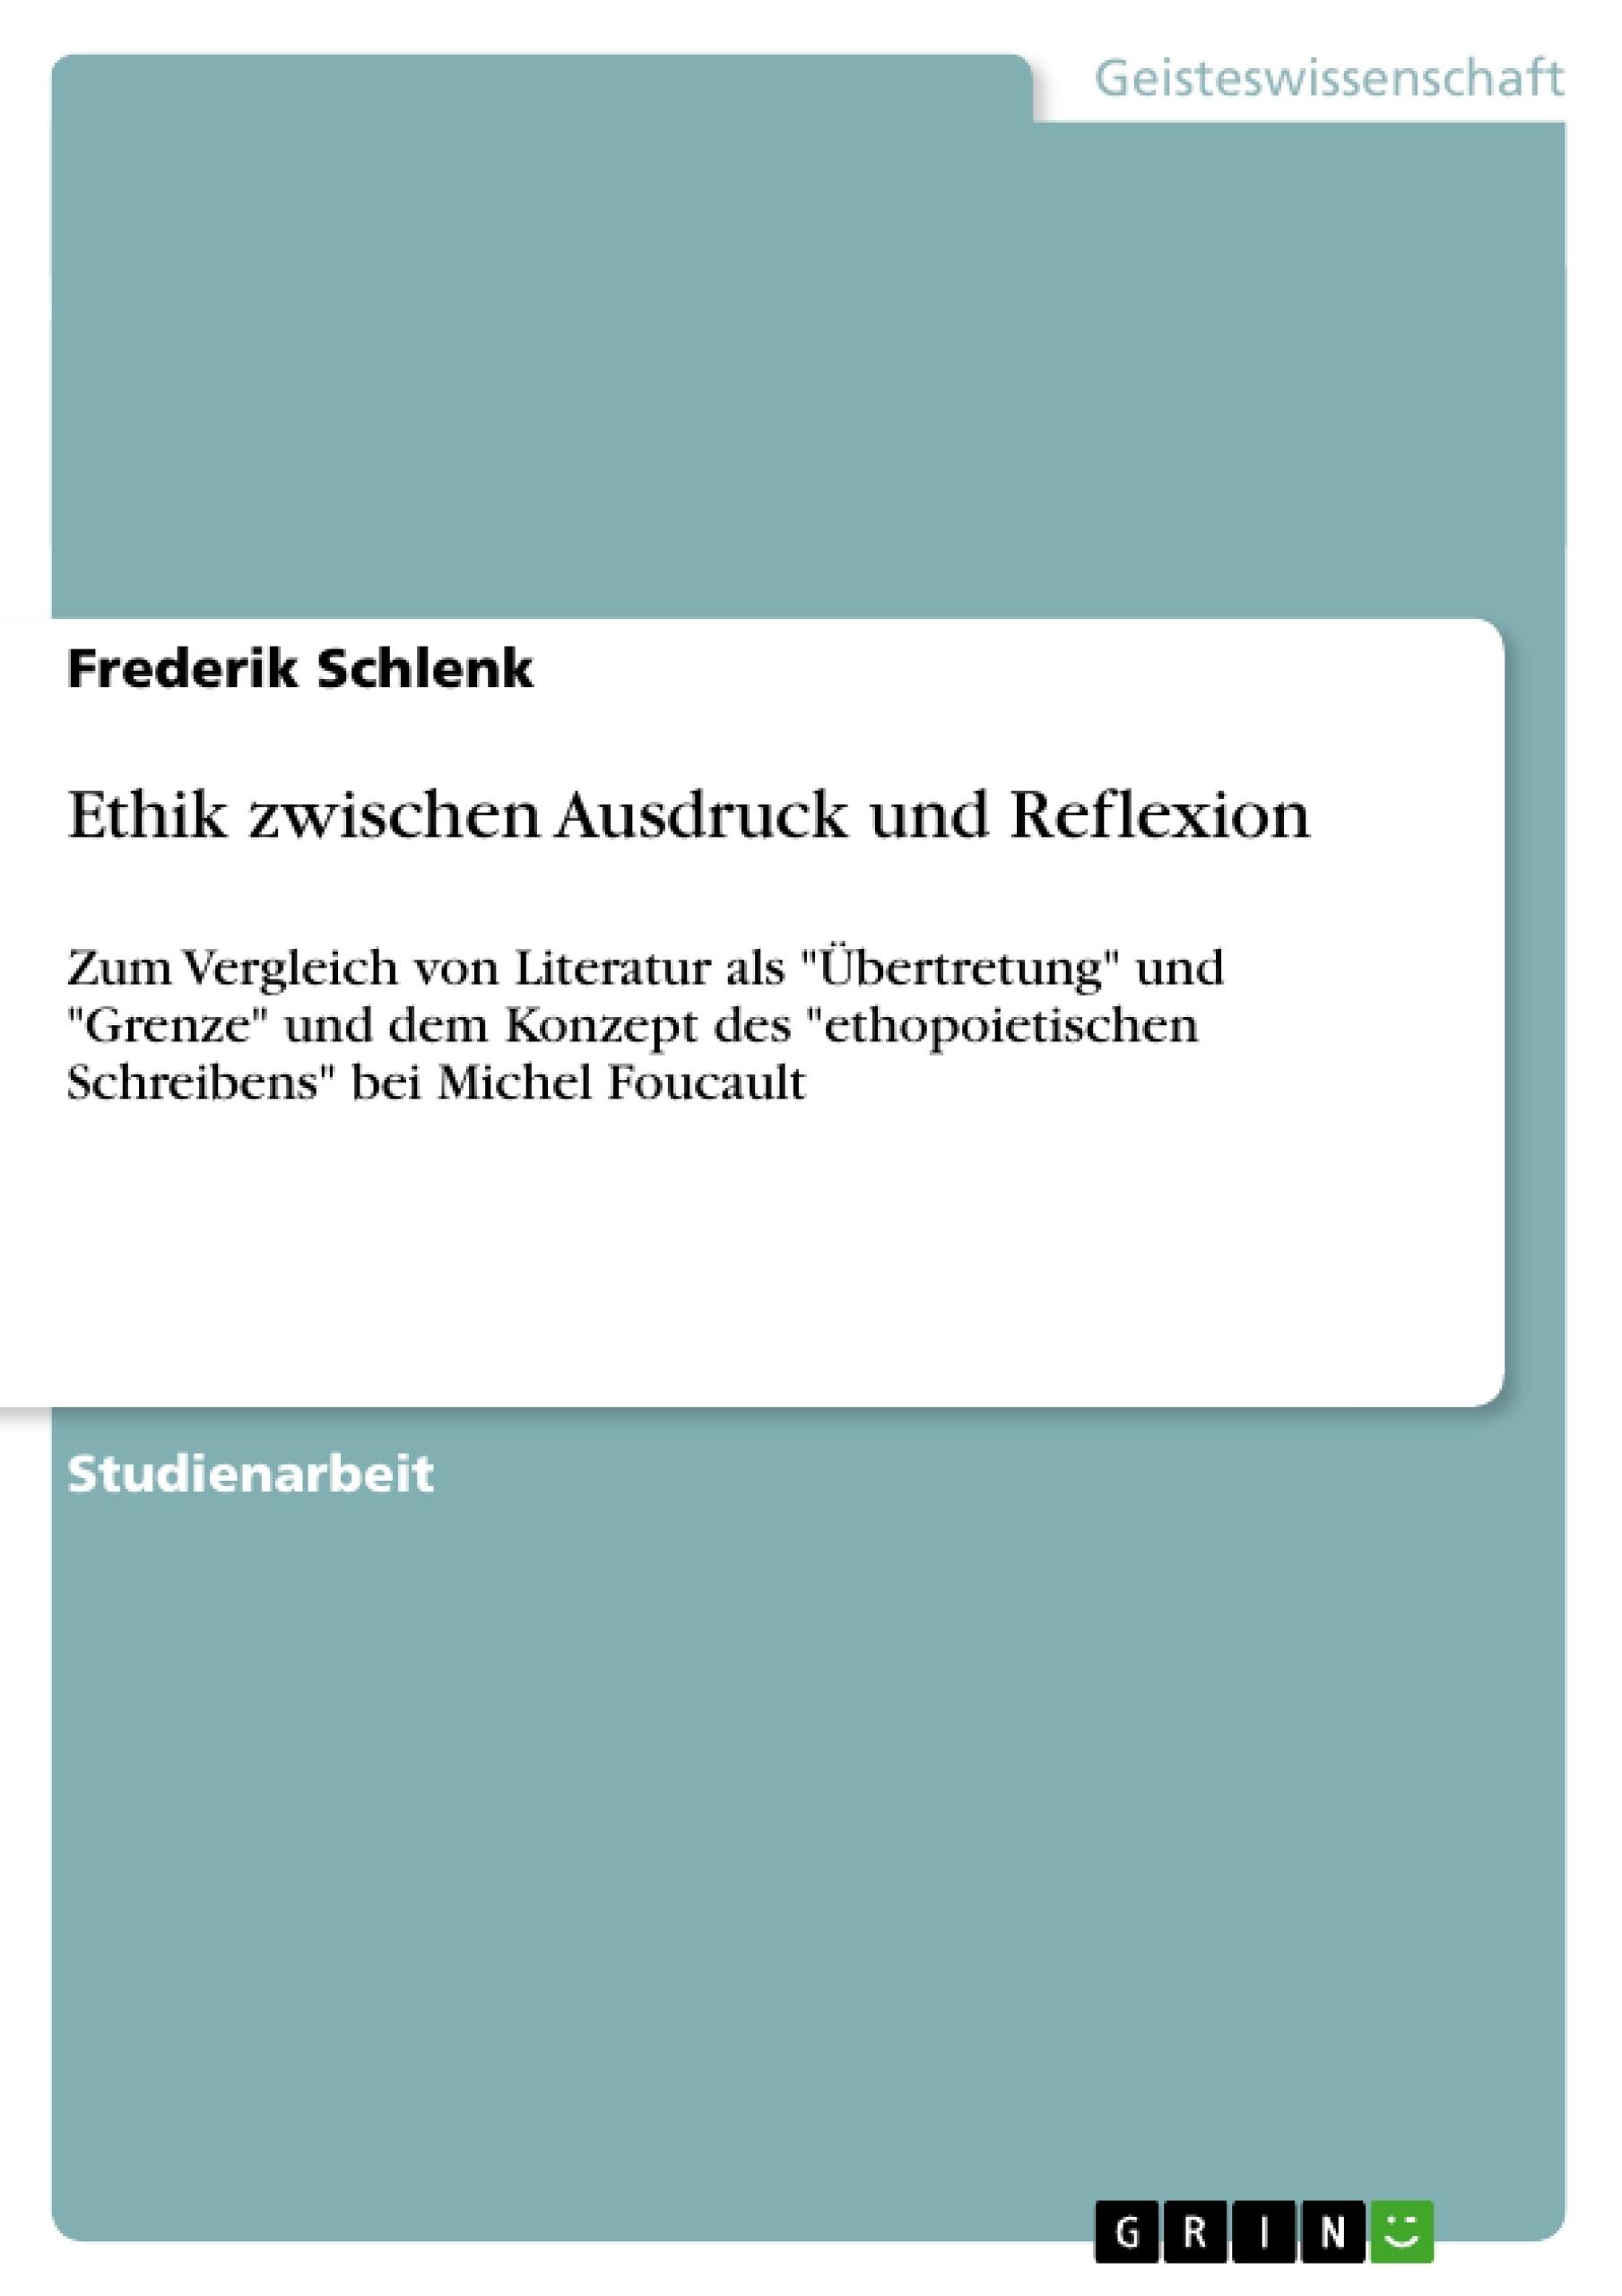 Titel: Ethik zwischen Ausdruck und Reflexion